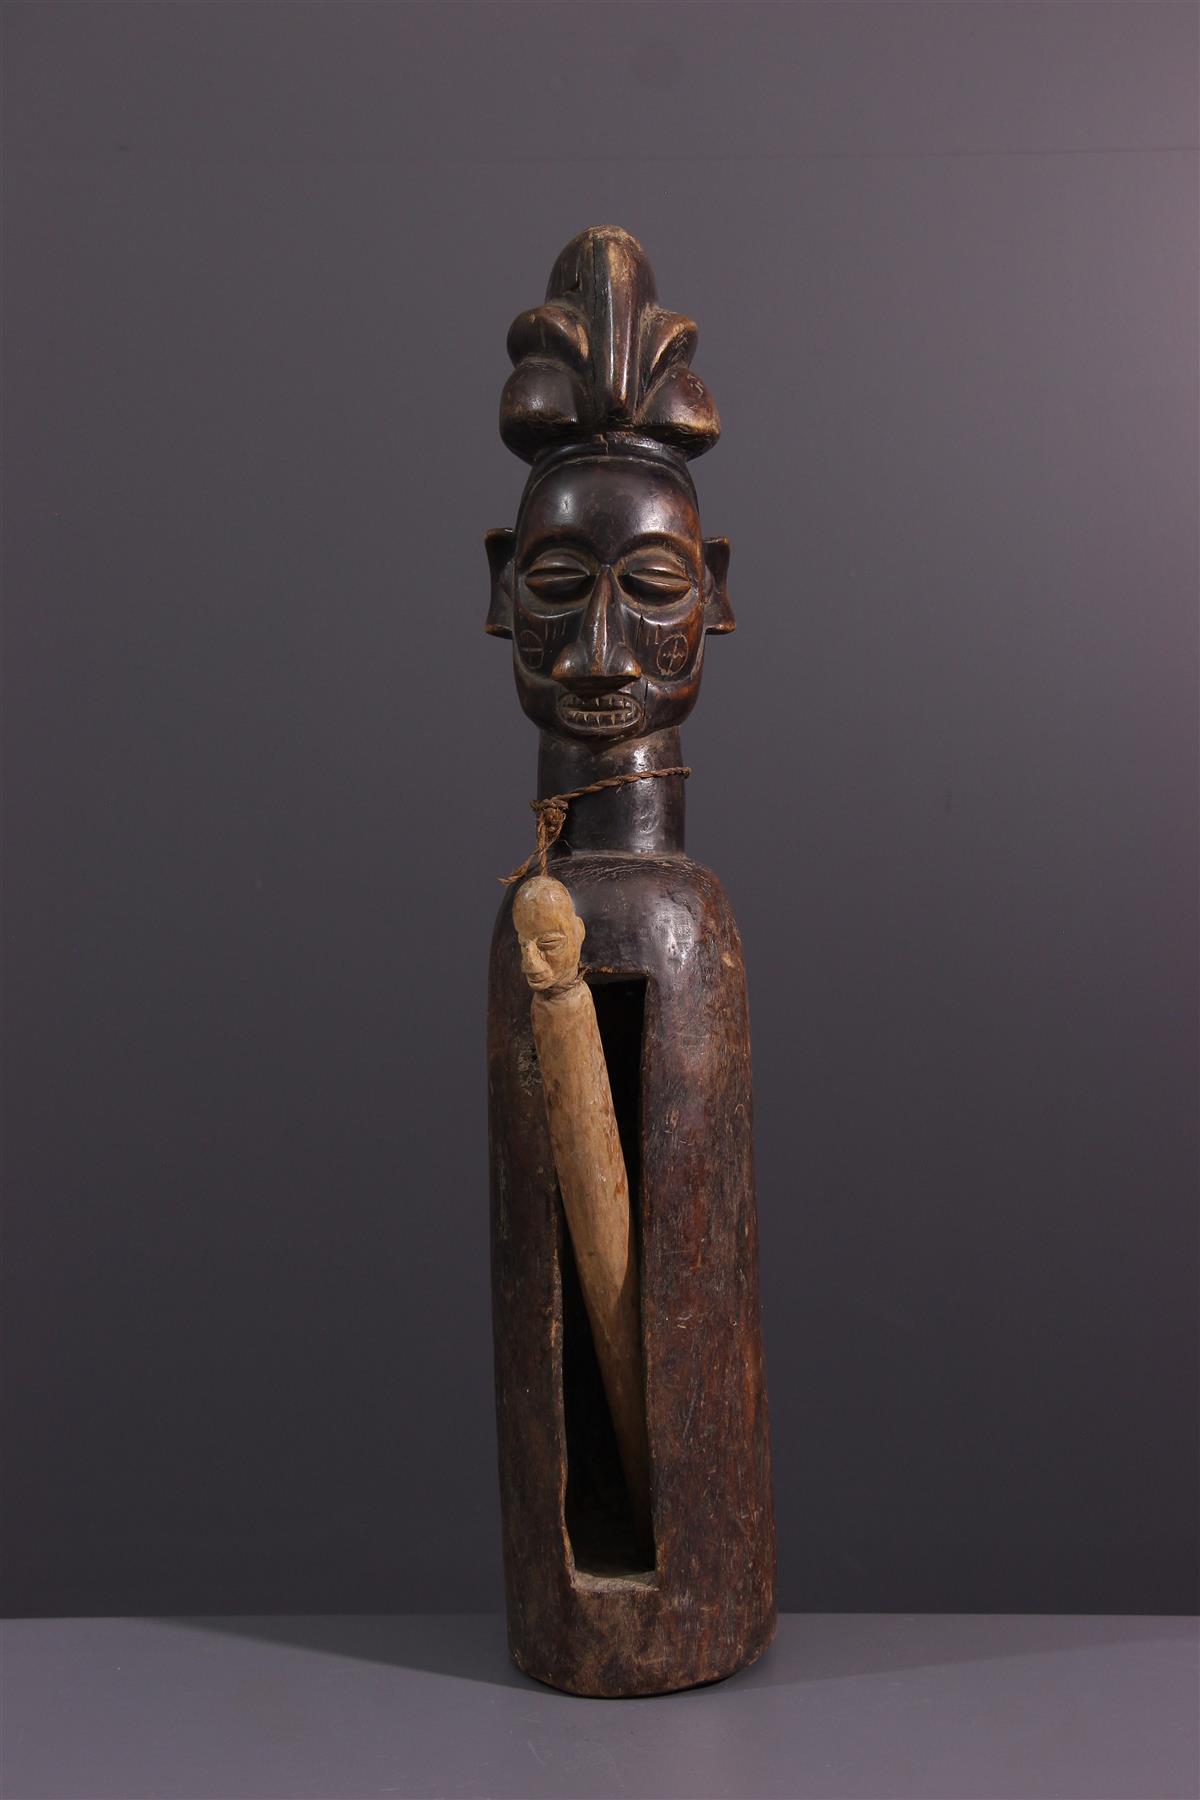 Yaka Drum - Tribal art